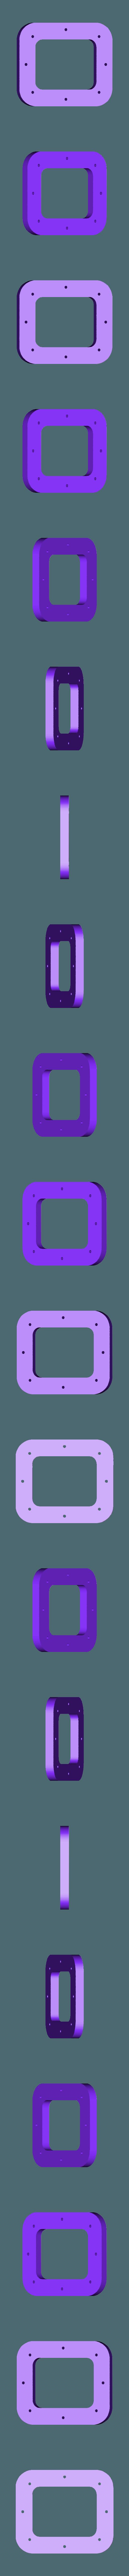 lid_top.stl Télécharger fichier STL gratuit Recyclage des bouteilles de lait Former le vide des bouteilles de lait • Modèle pour imprimante 3D, TinkersProjects